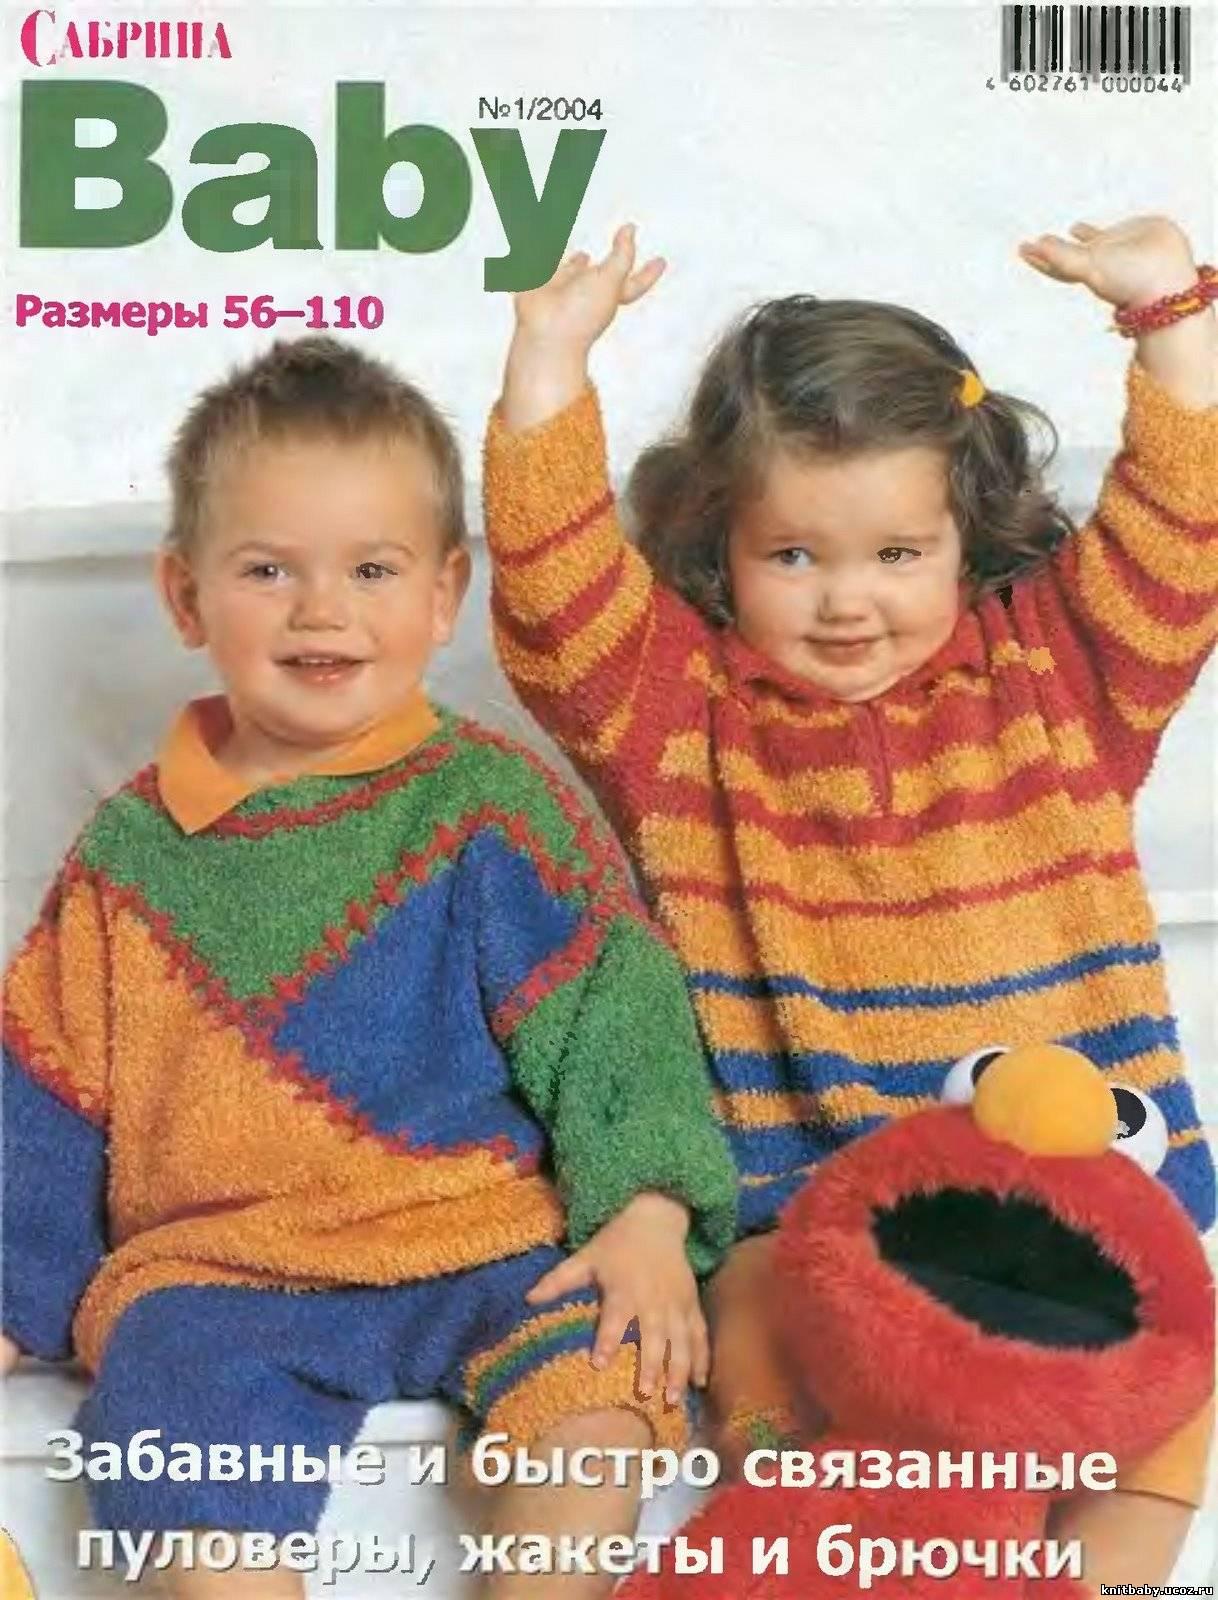 Вязание крючком детям журнал сабрина 1